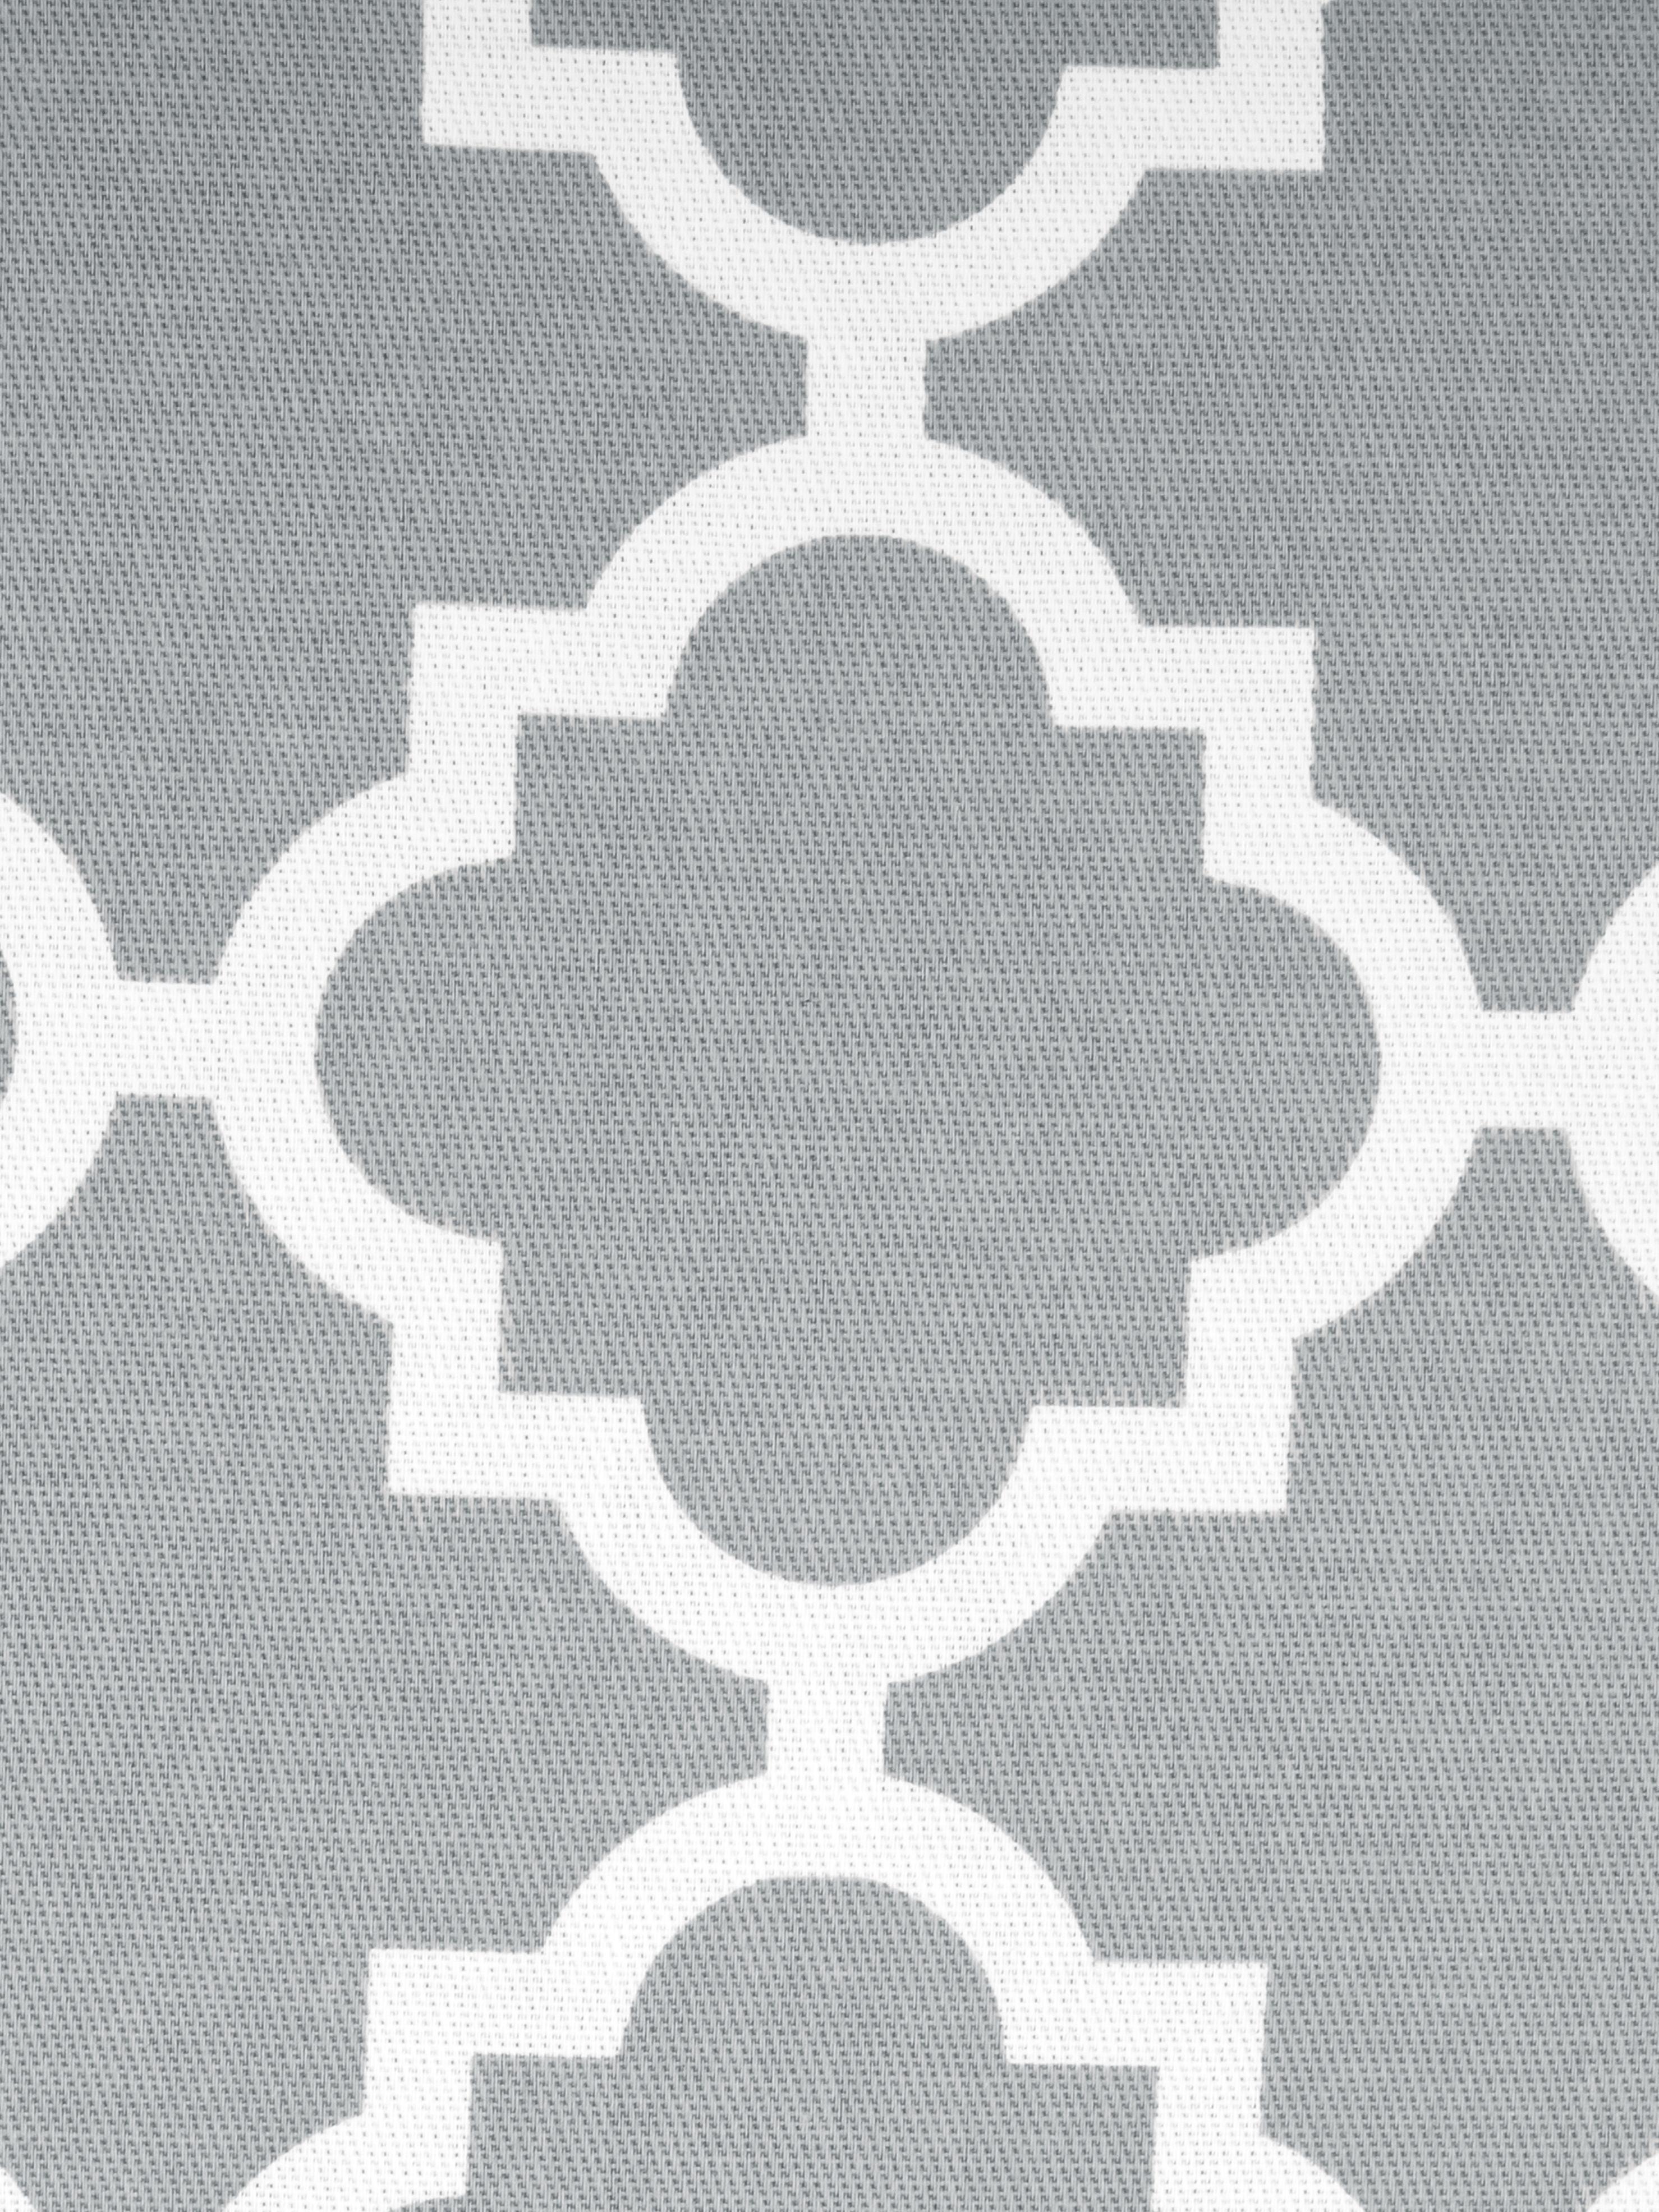 Kussenhoes Lana, 100% katoen, Grijs, wit, 45 x 45 cm